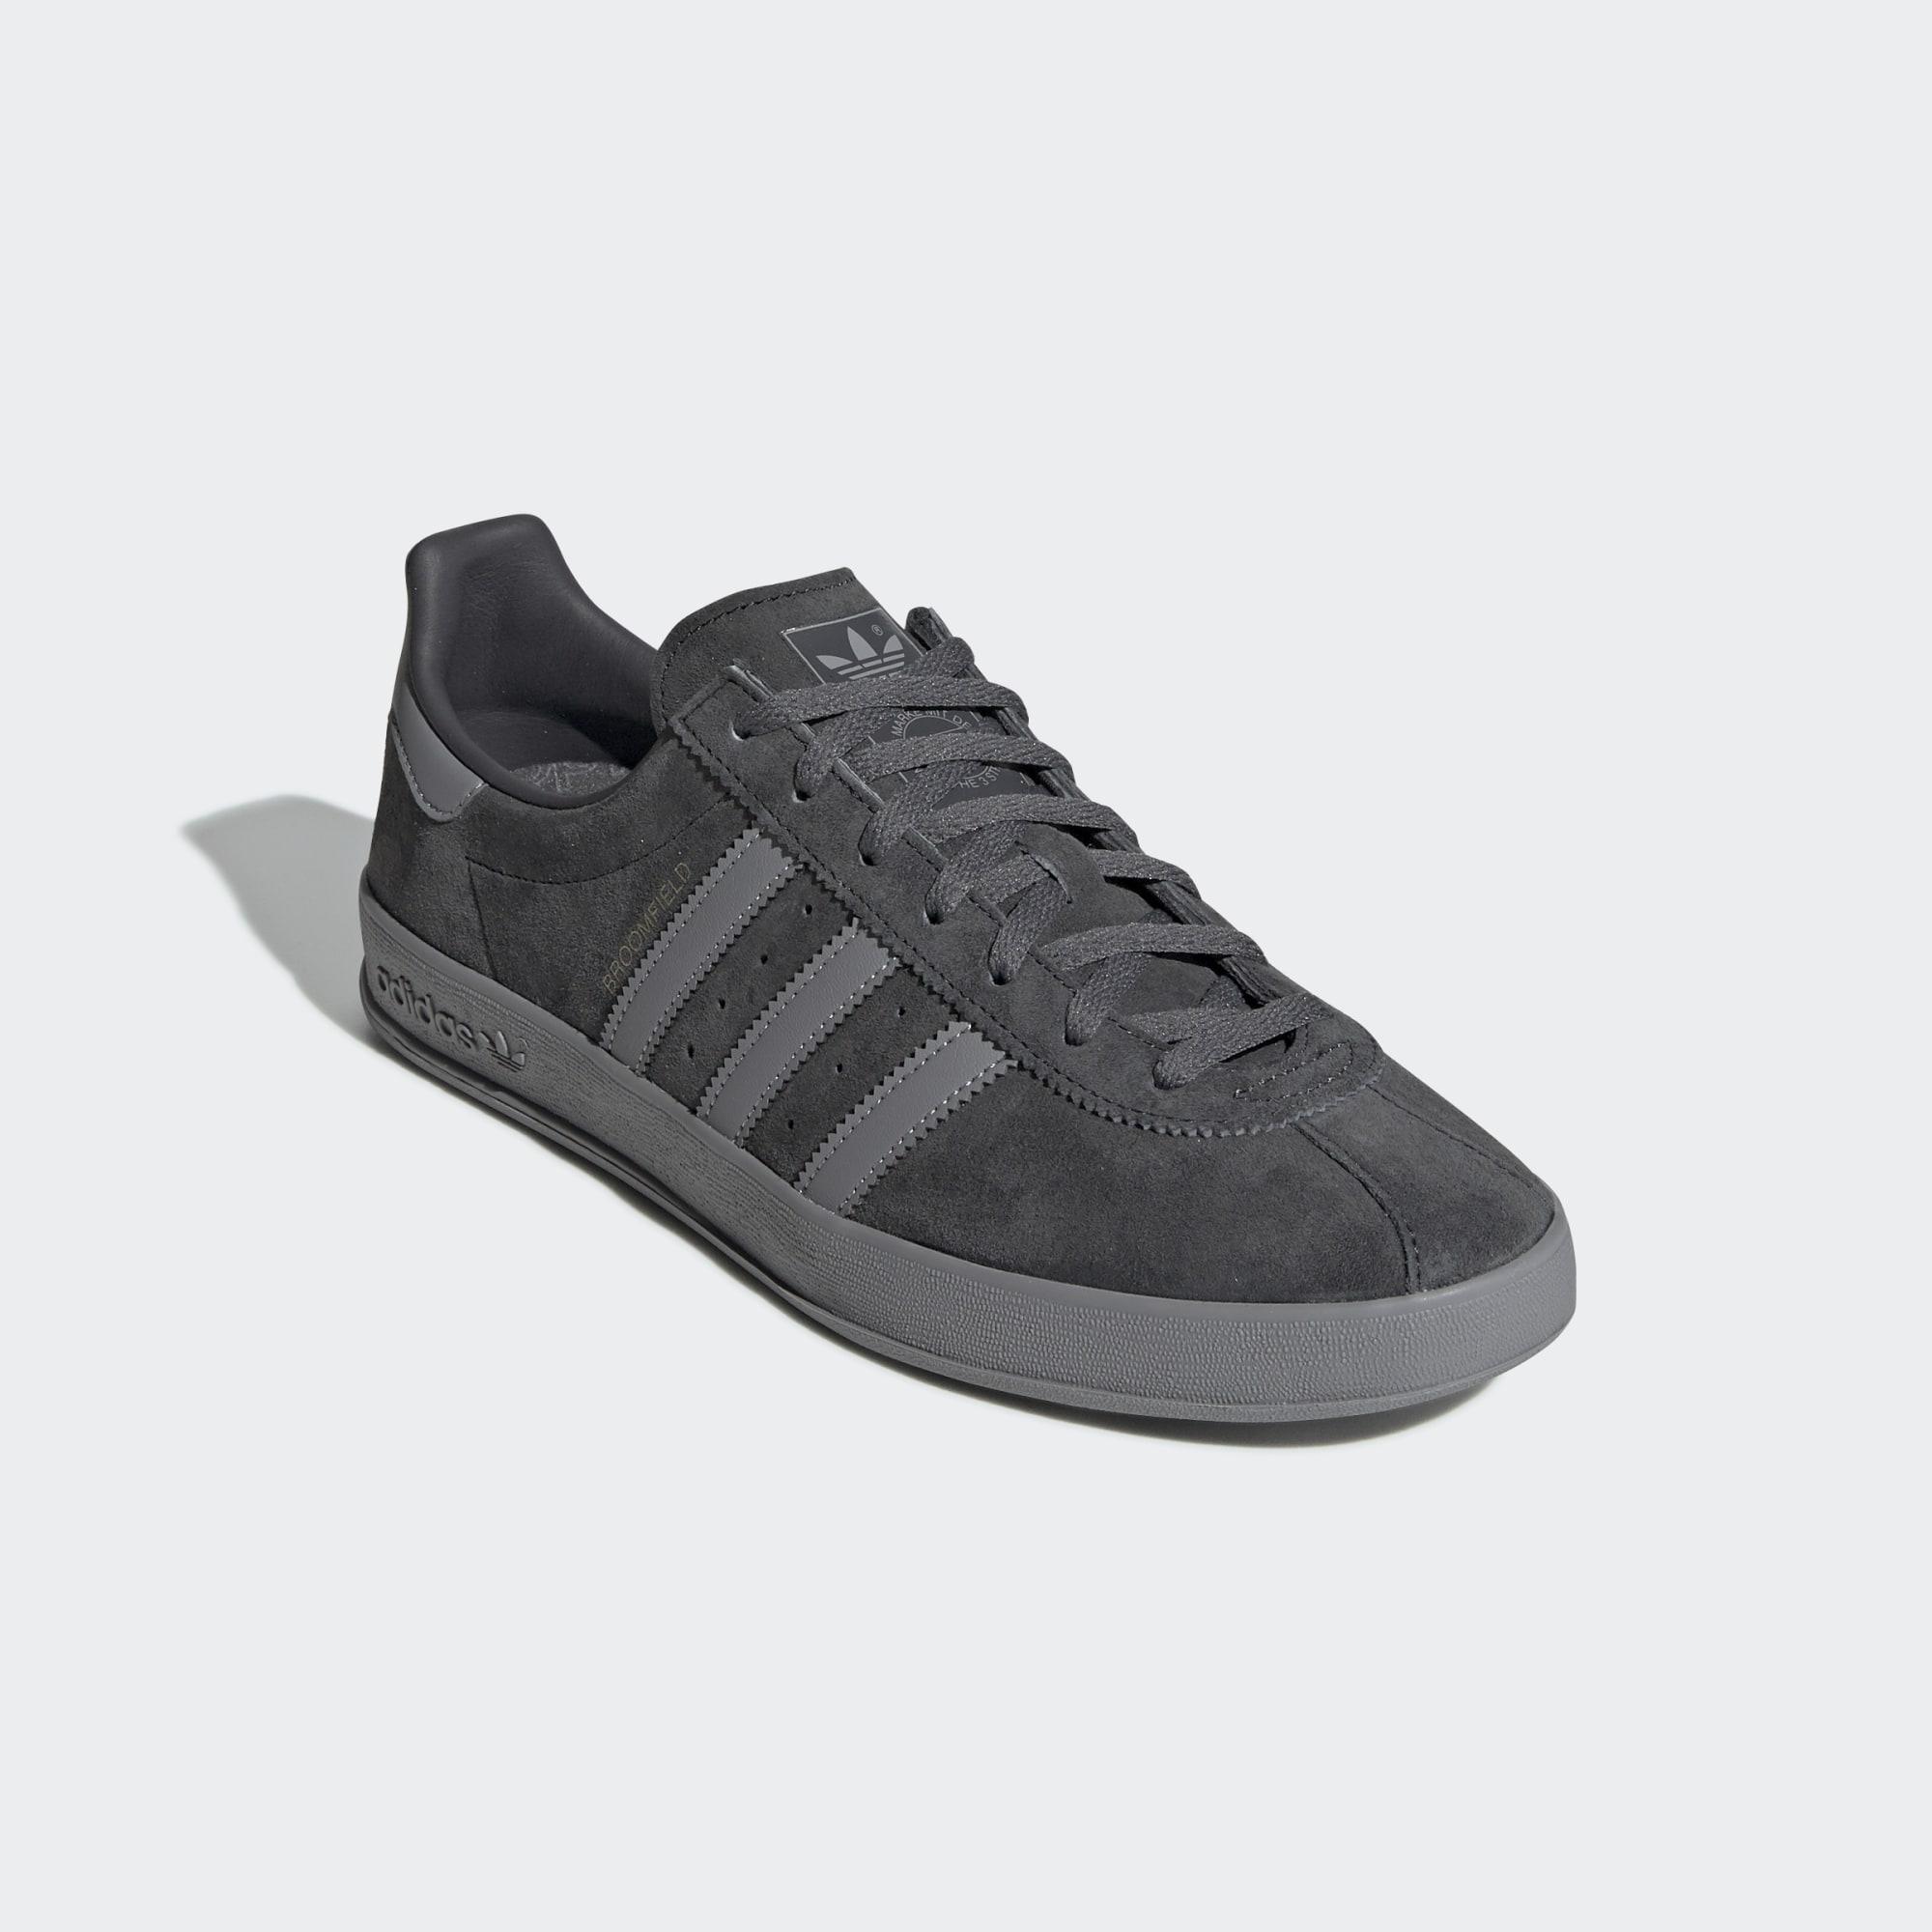 Broomfield_Shoes_Grey_EE5712_EE5712_04_standard.jpg